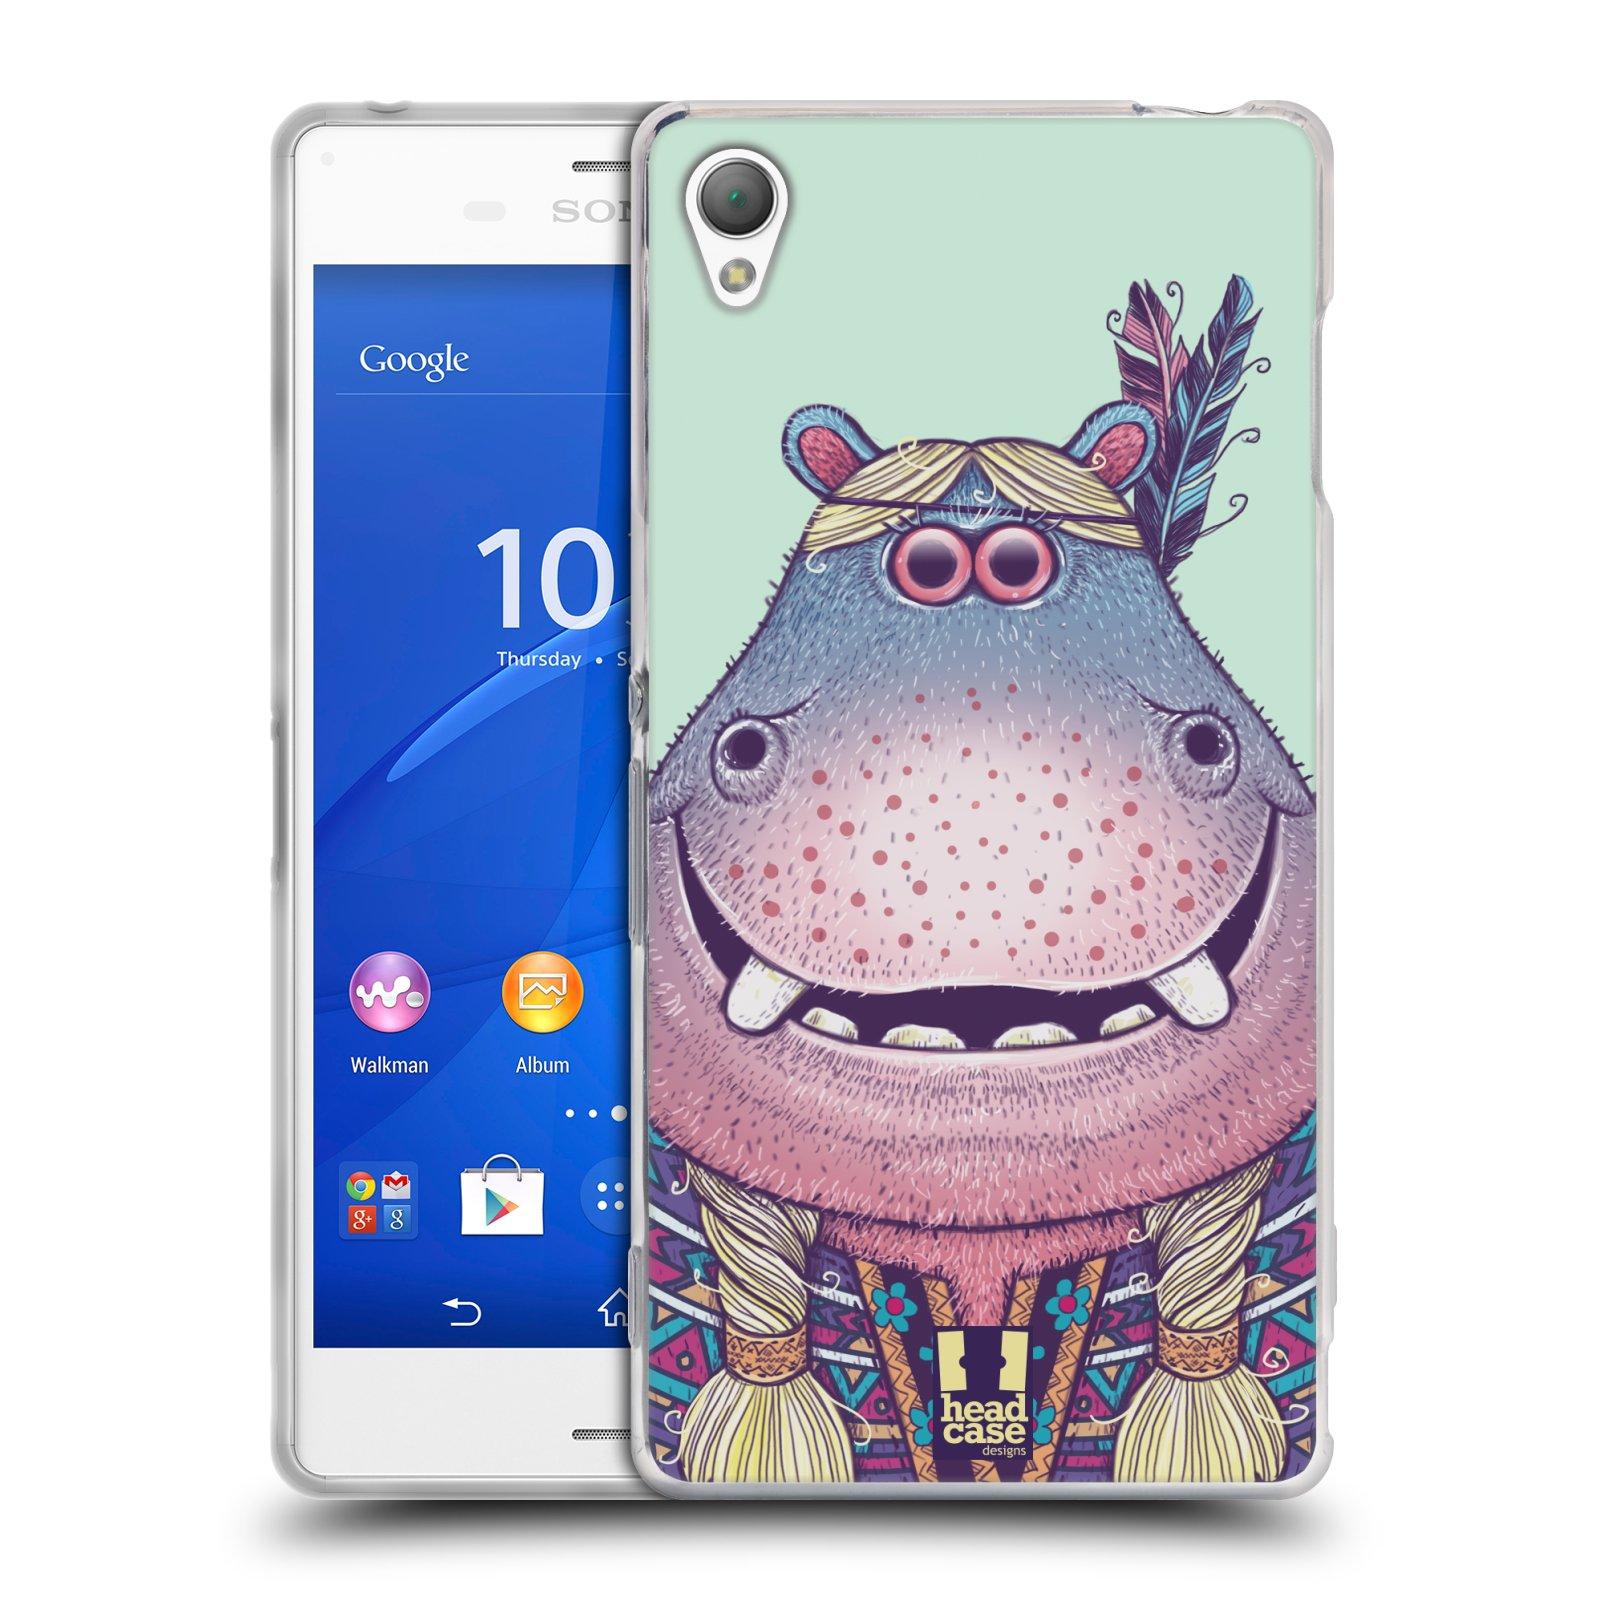 HEAD CASE silikonový obal na mobil Sony Xperia Z3 vzor Kreslená zvířátka hroch